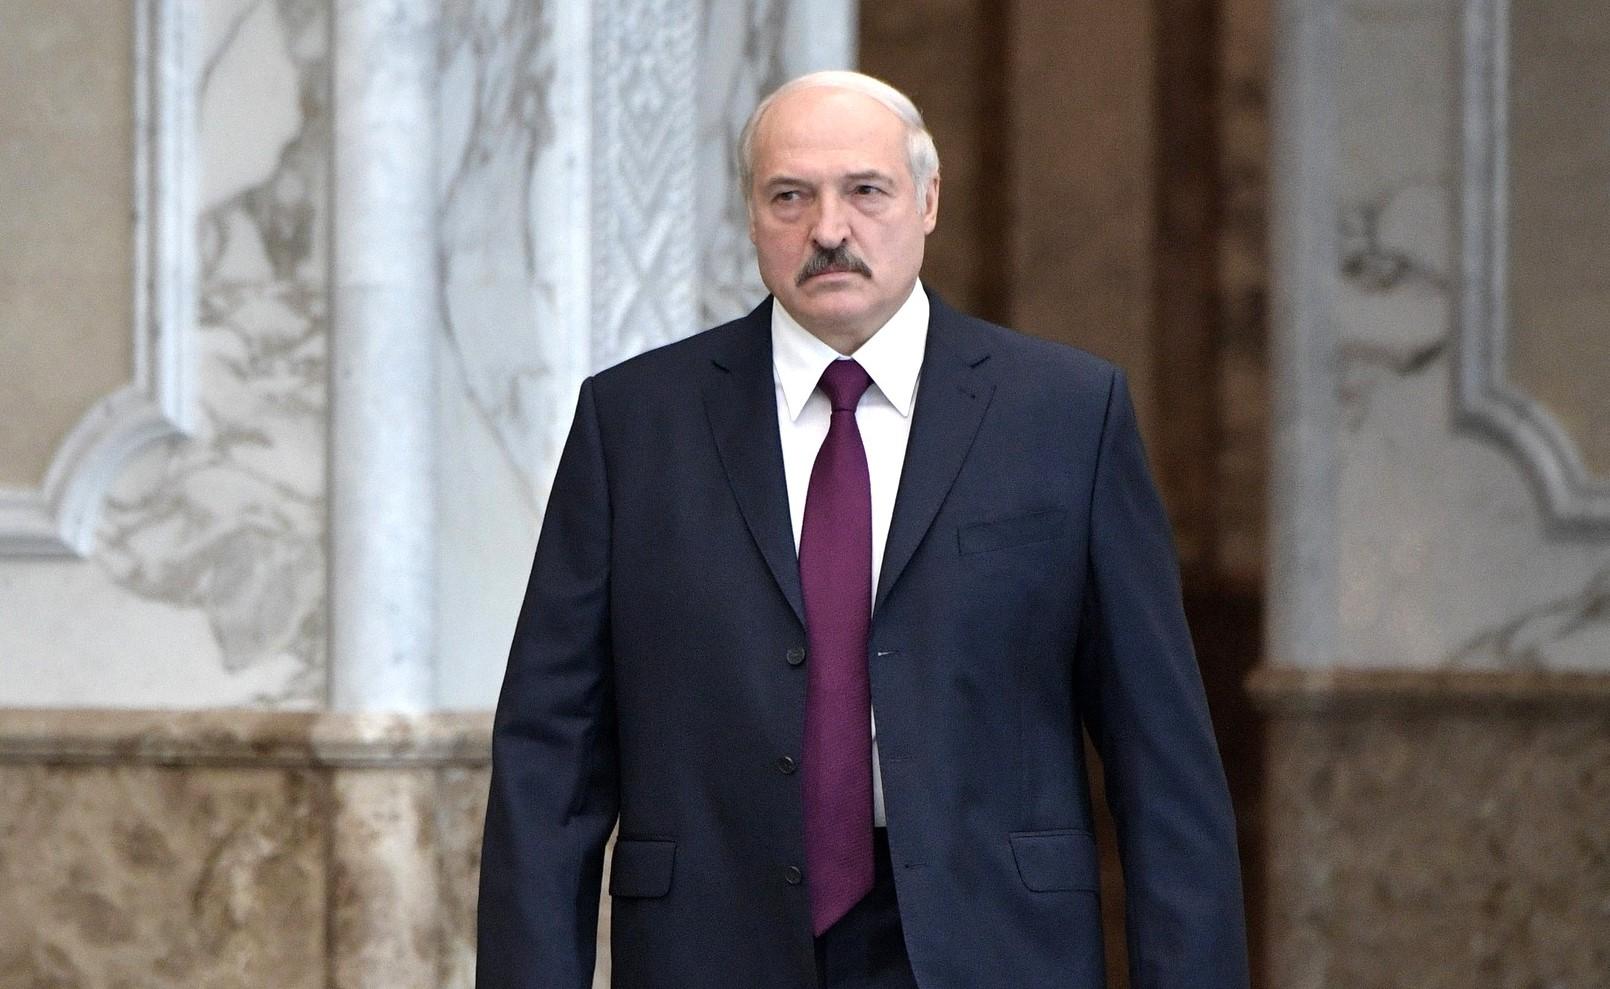 L'Ue non riconosce l'elezione di Lukashenko